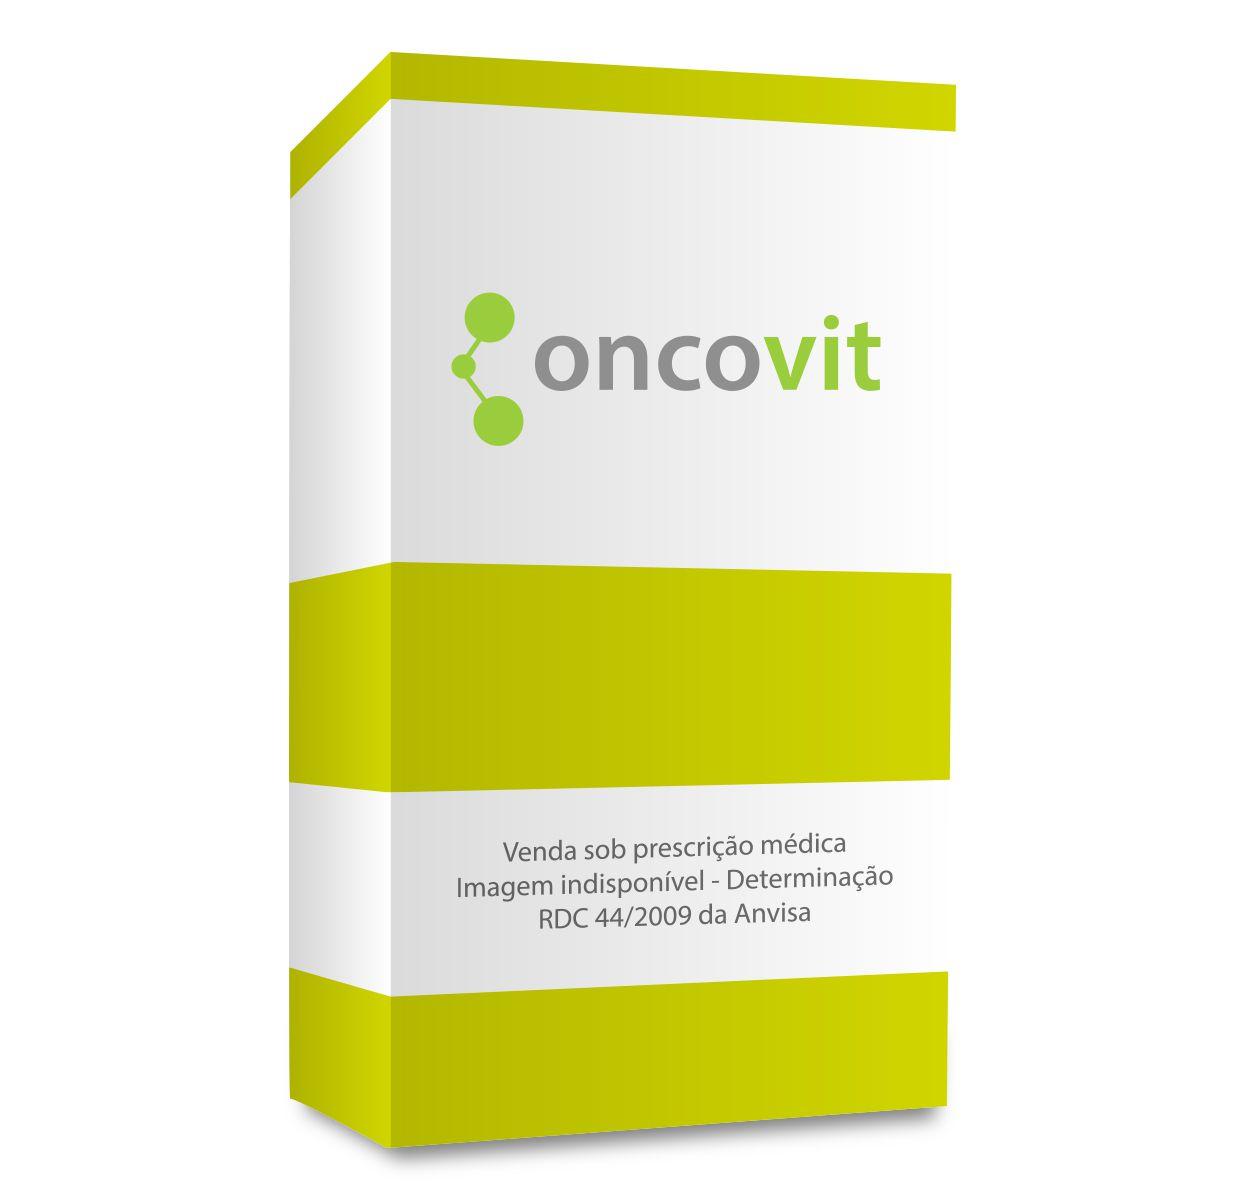 Letrozol Natcofarma do Brasil 2,5mg, caixa com 30 comprimidos revestidos